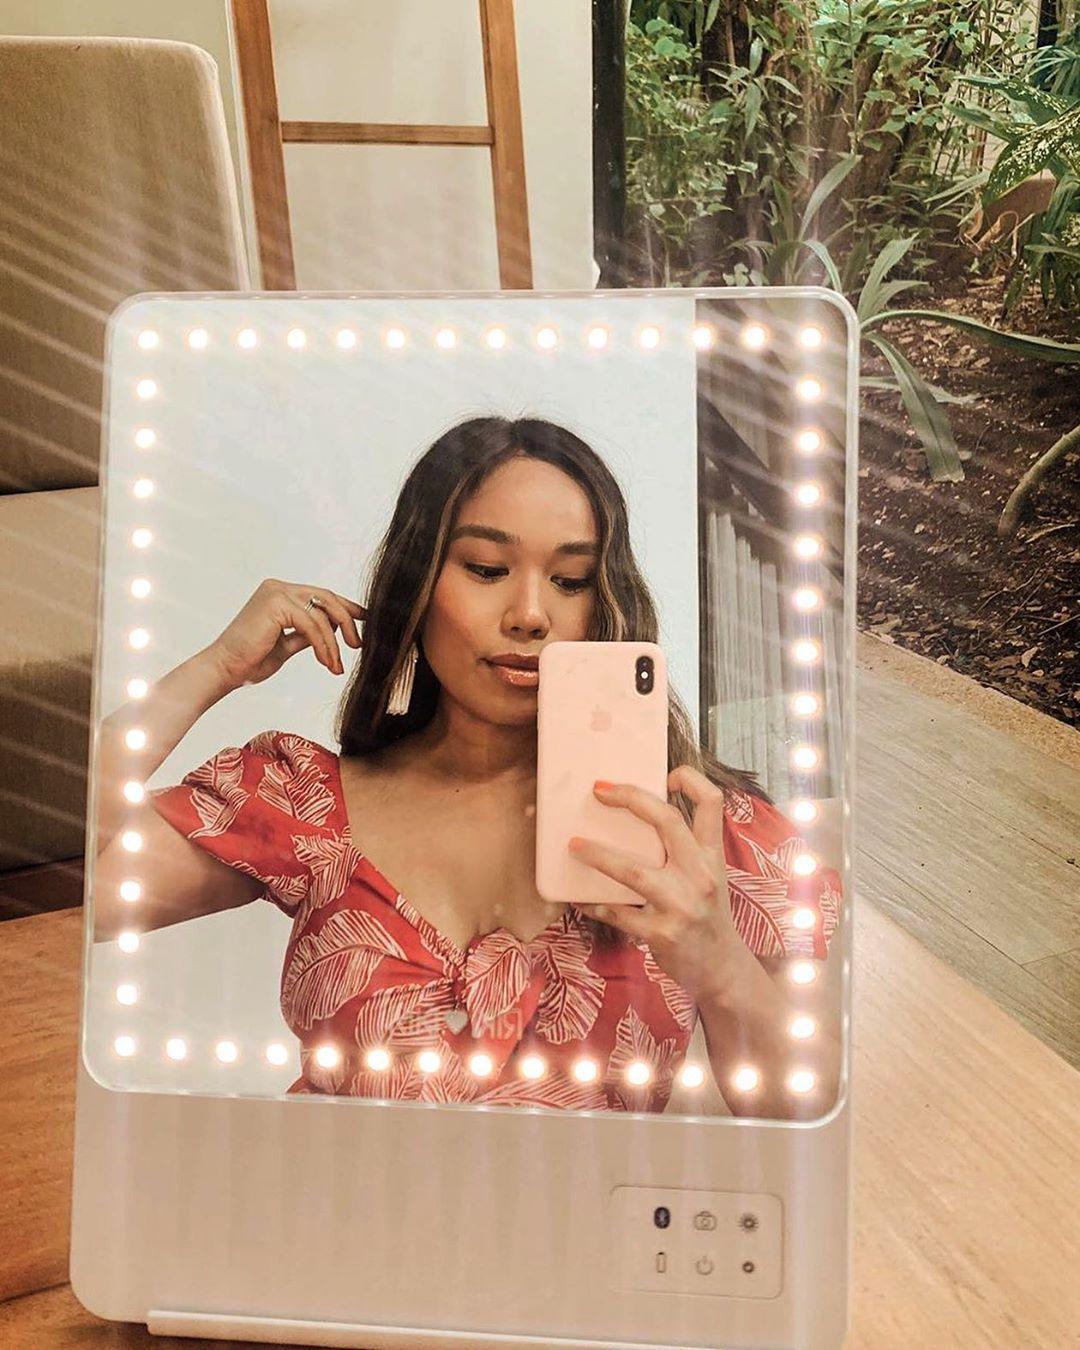 RIKI SKINNY Oprah's Favorite Thing Makeup mirror with